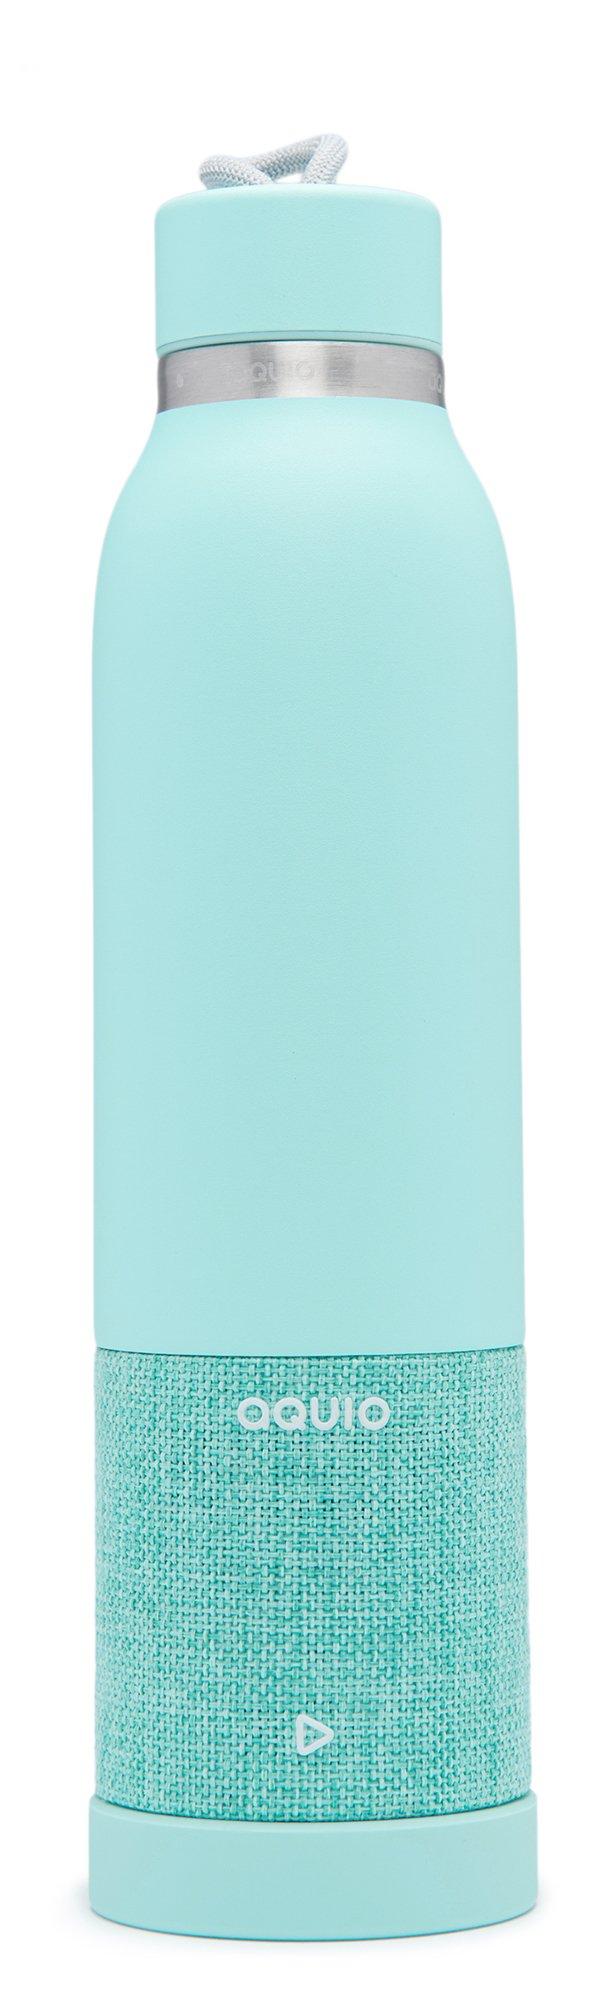 Aquio Bottle